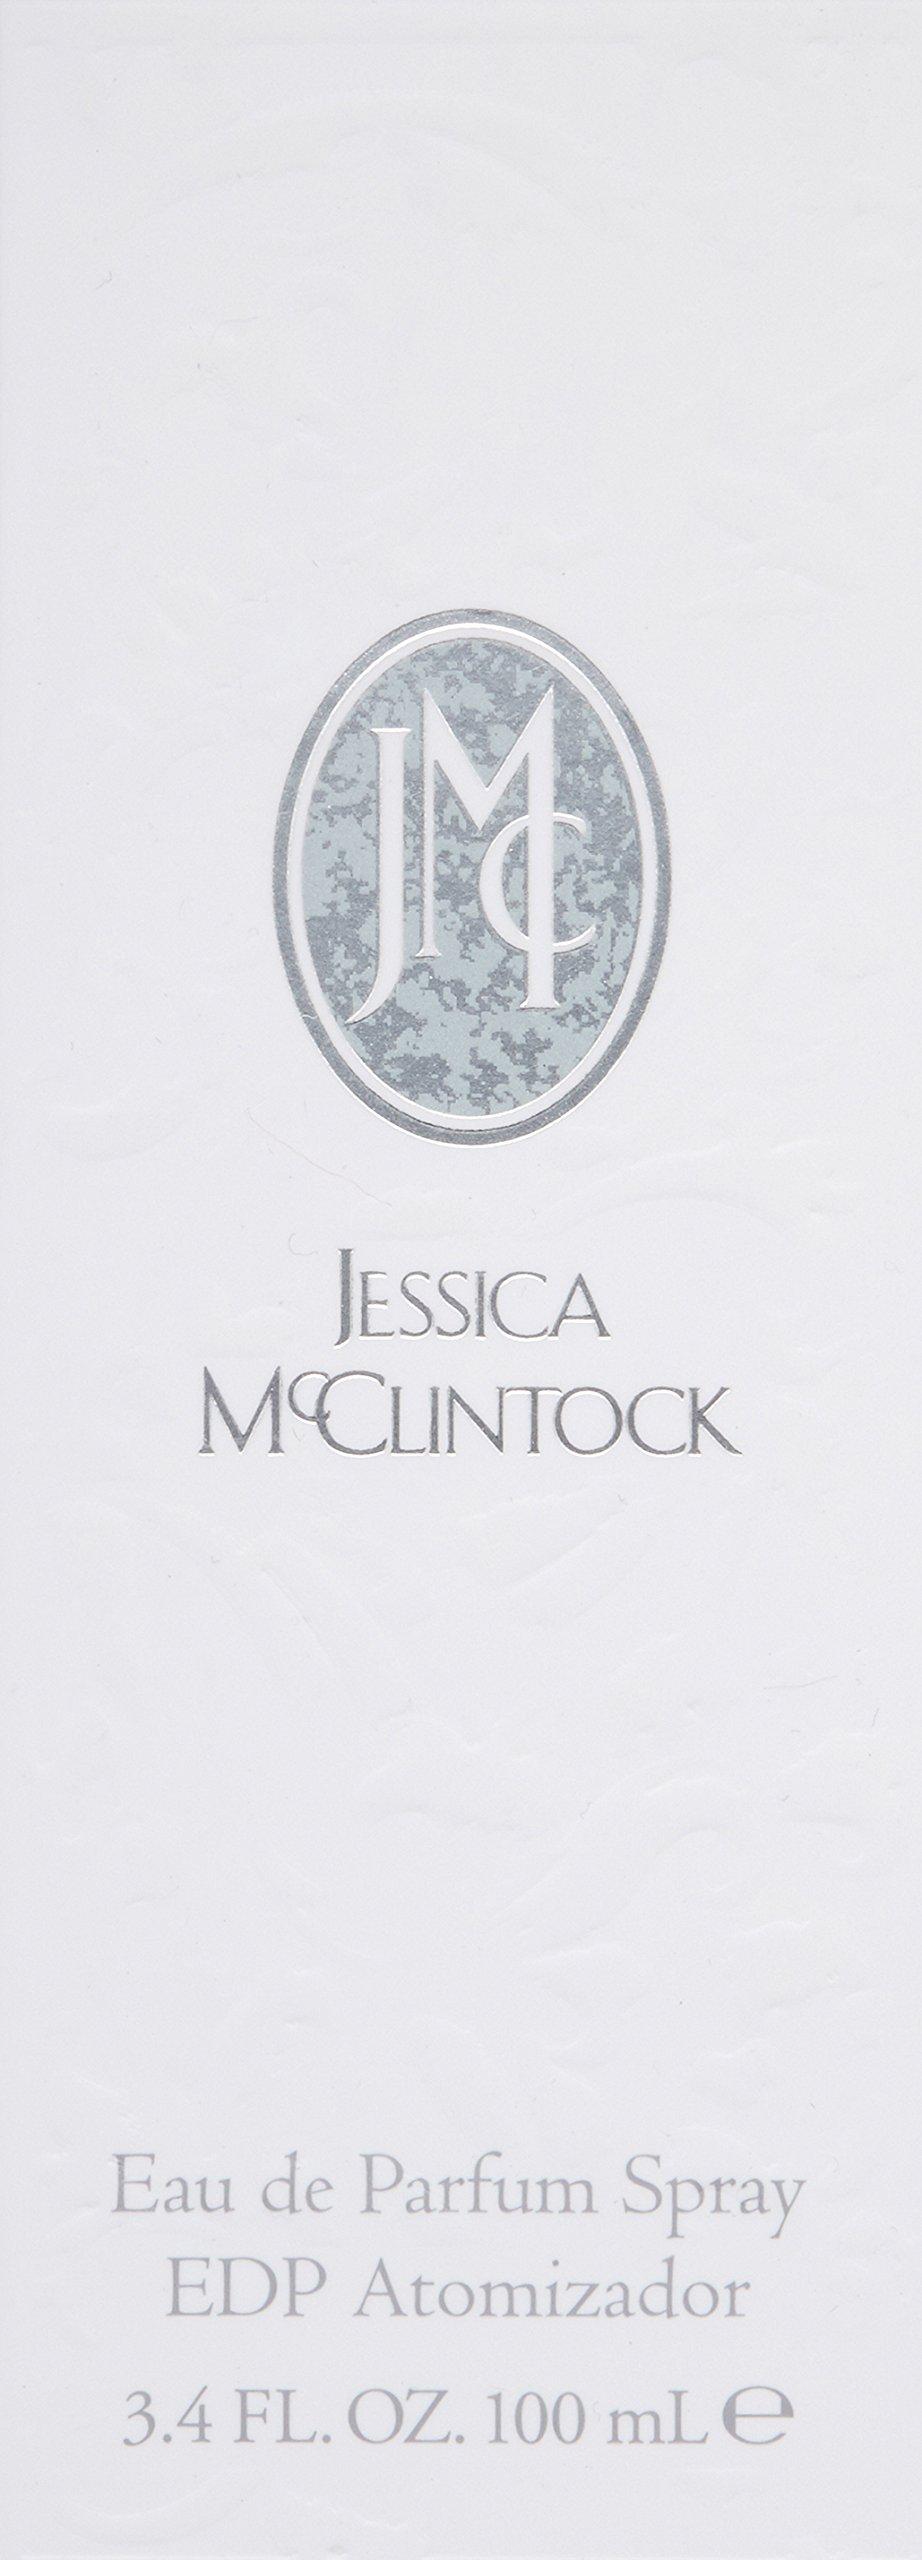 Jessica Mcclintock Eau de Parfum Spray, 3.4 Fluid Ounce by Jessica McClintock (Image #3)